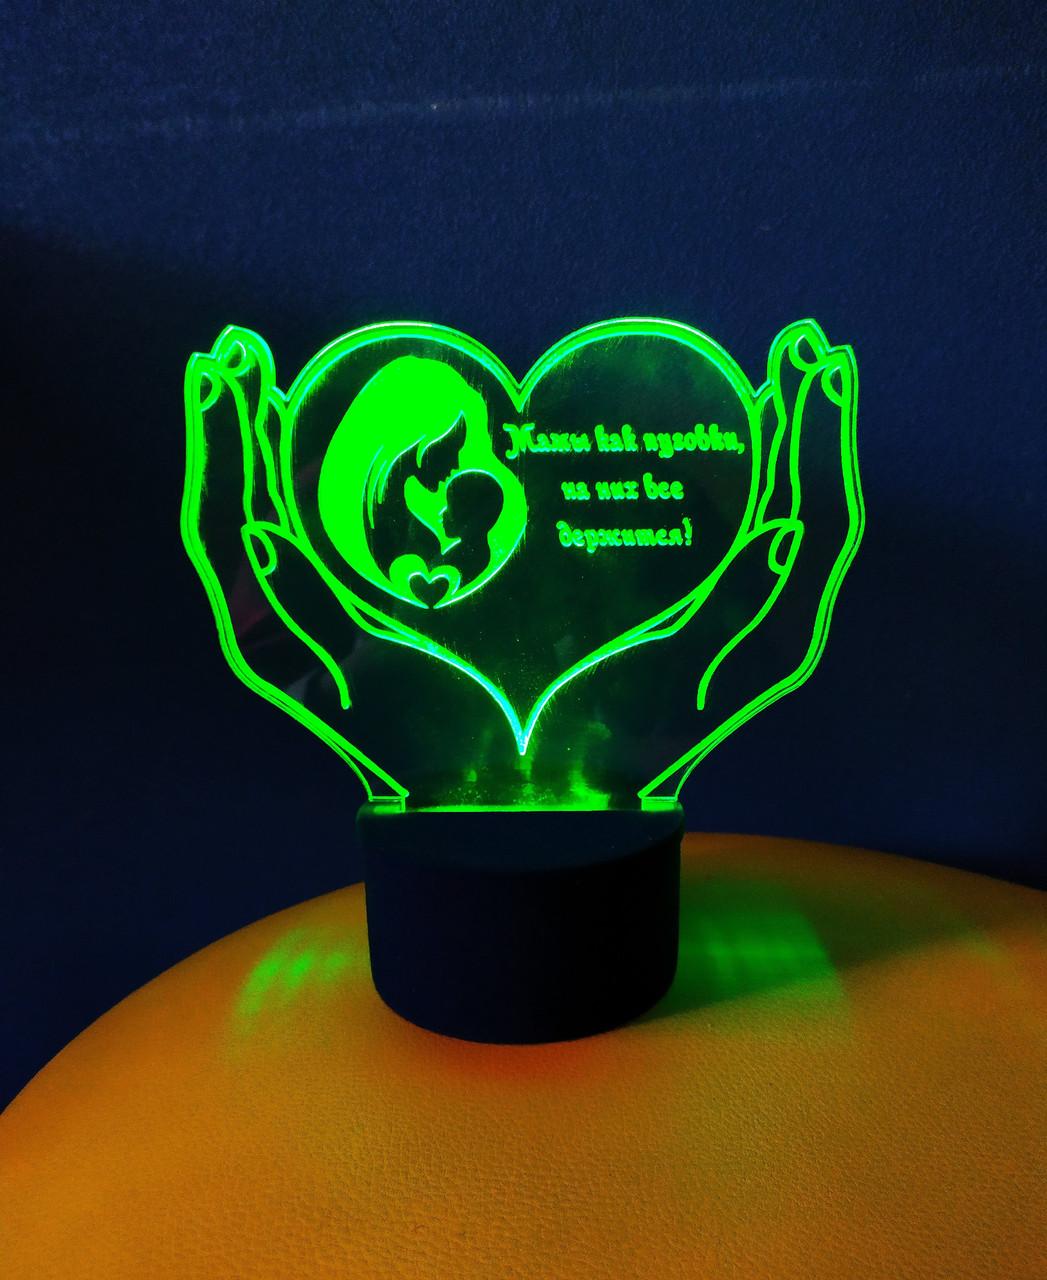 3d-светильник Мамы пуговки, 3д-ночник, несколько подсветок (на пульте), подарок маме